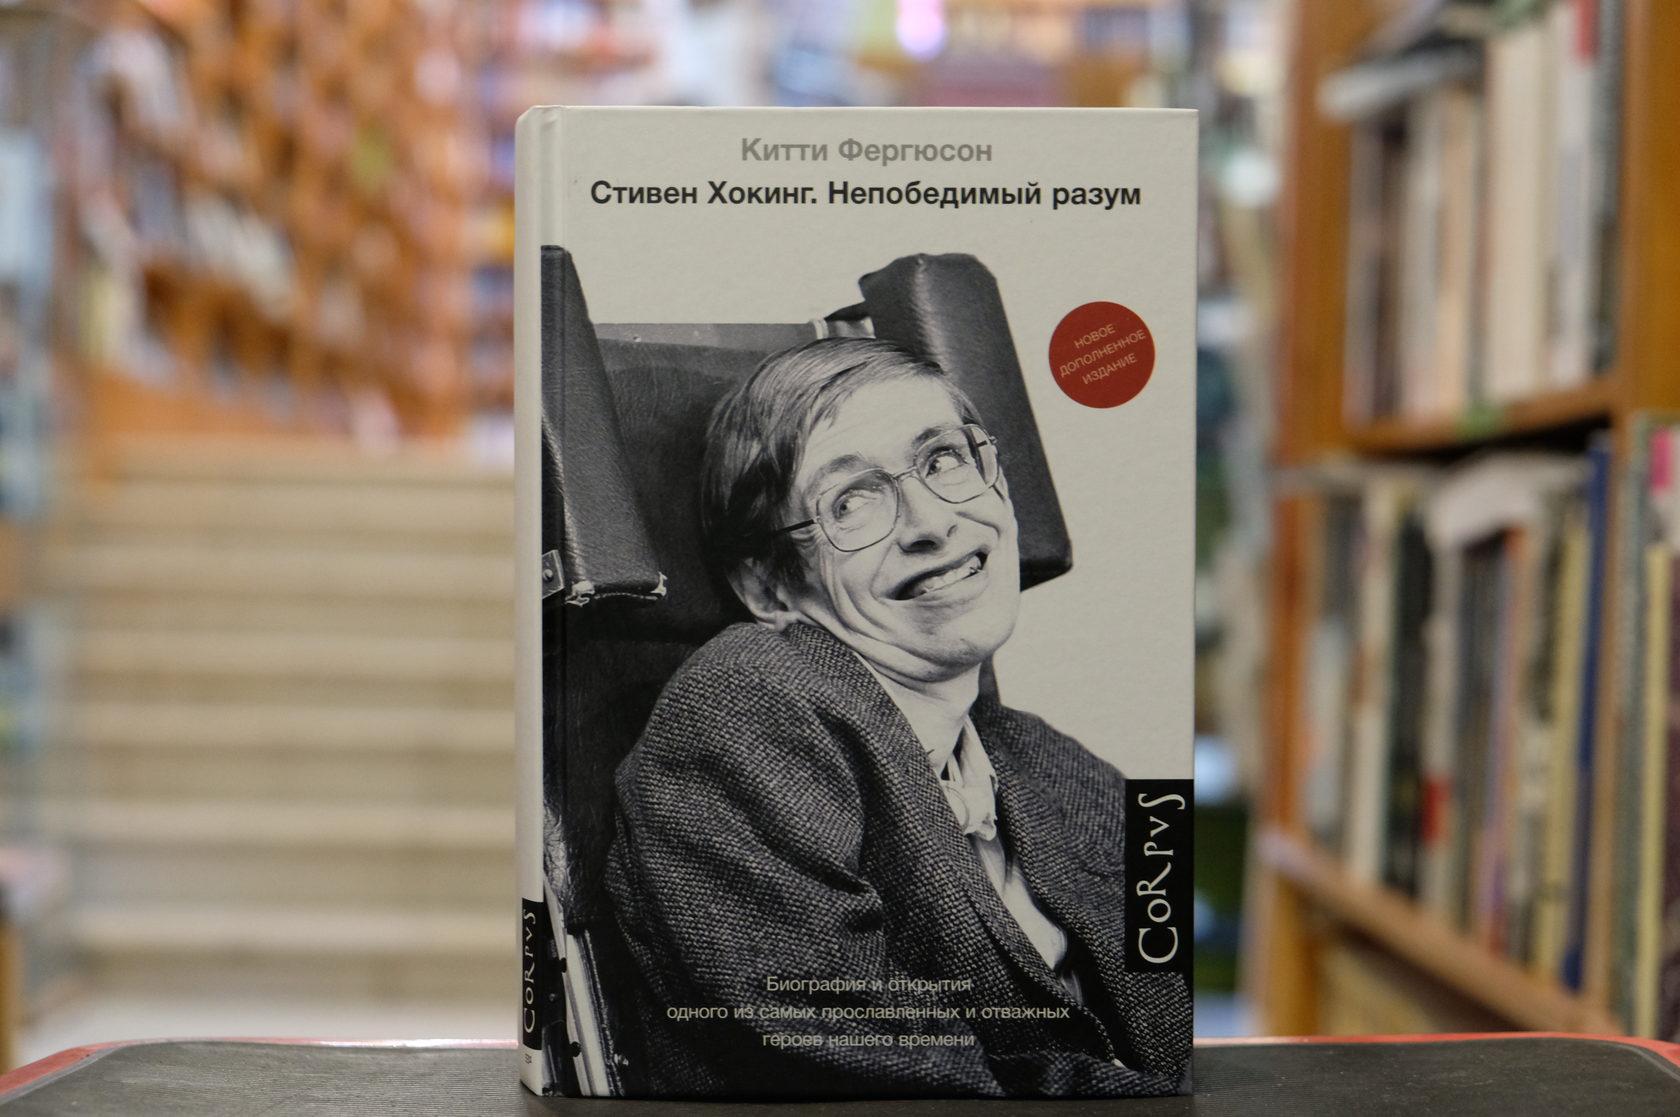 Китти Фергюсон «Стивен Хокинг. Непобедимый разум» 978-5-17-115613-8